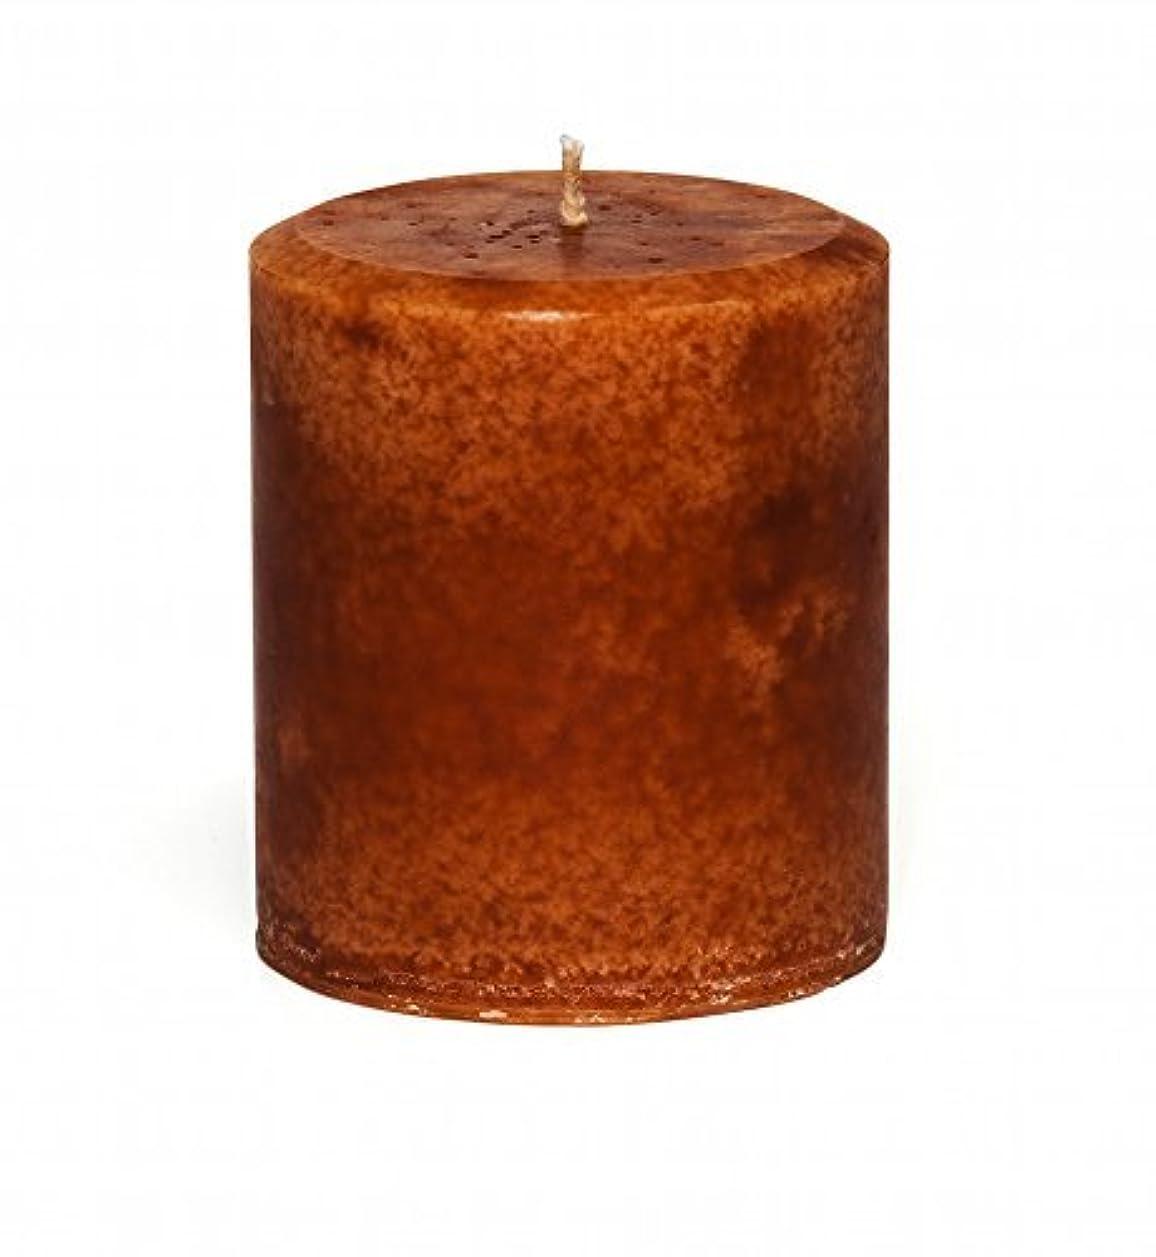 マッシュ約設定アフリカ人Jensanシナモンオレンジ香りつき装飾Pillar Candle、ハンドメイド – 装飾 – 強力な香り